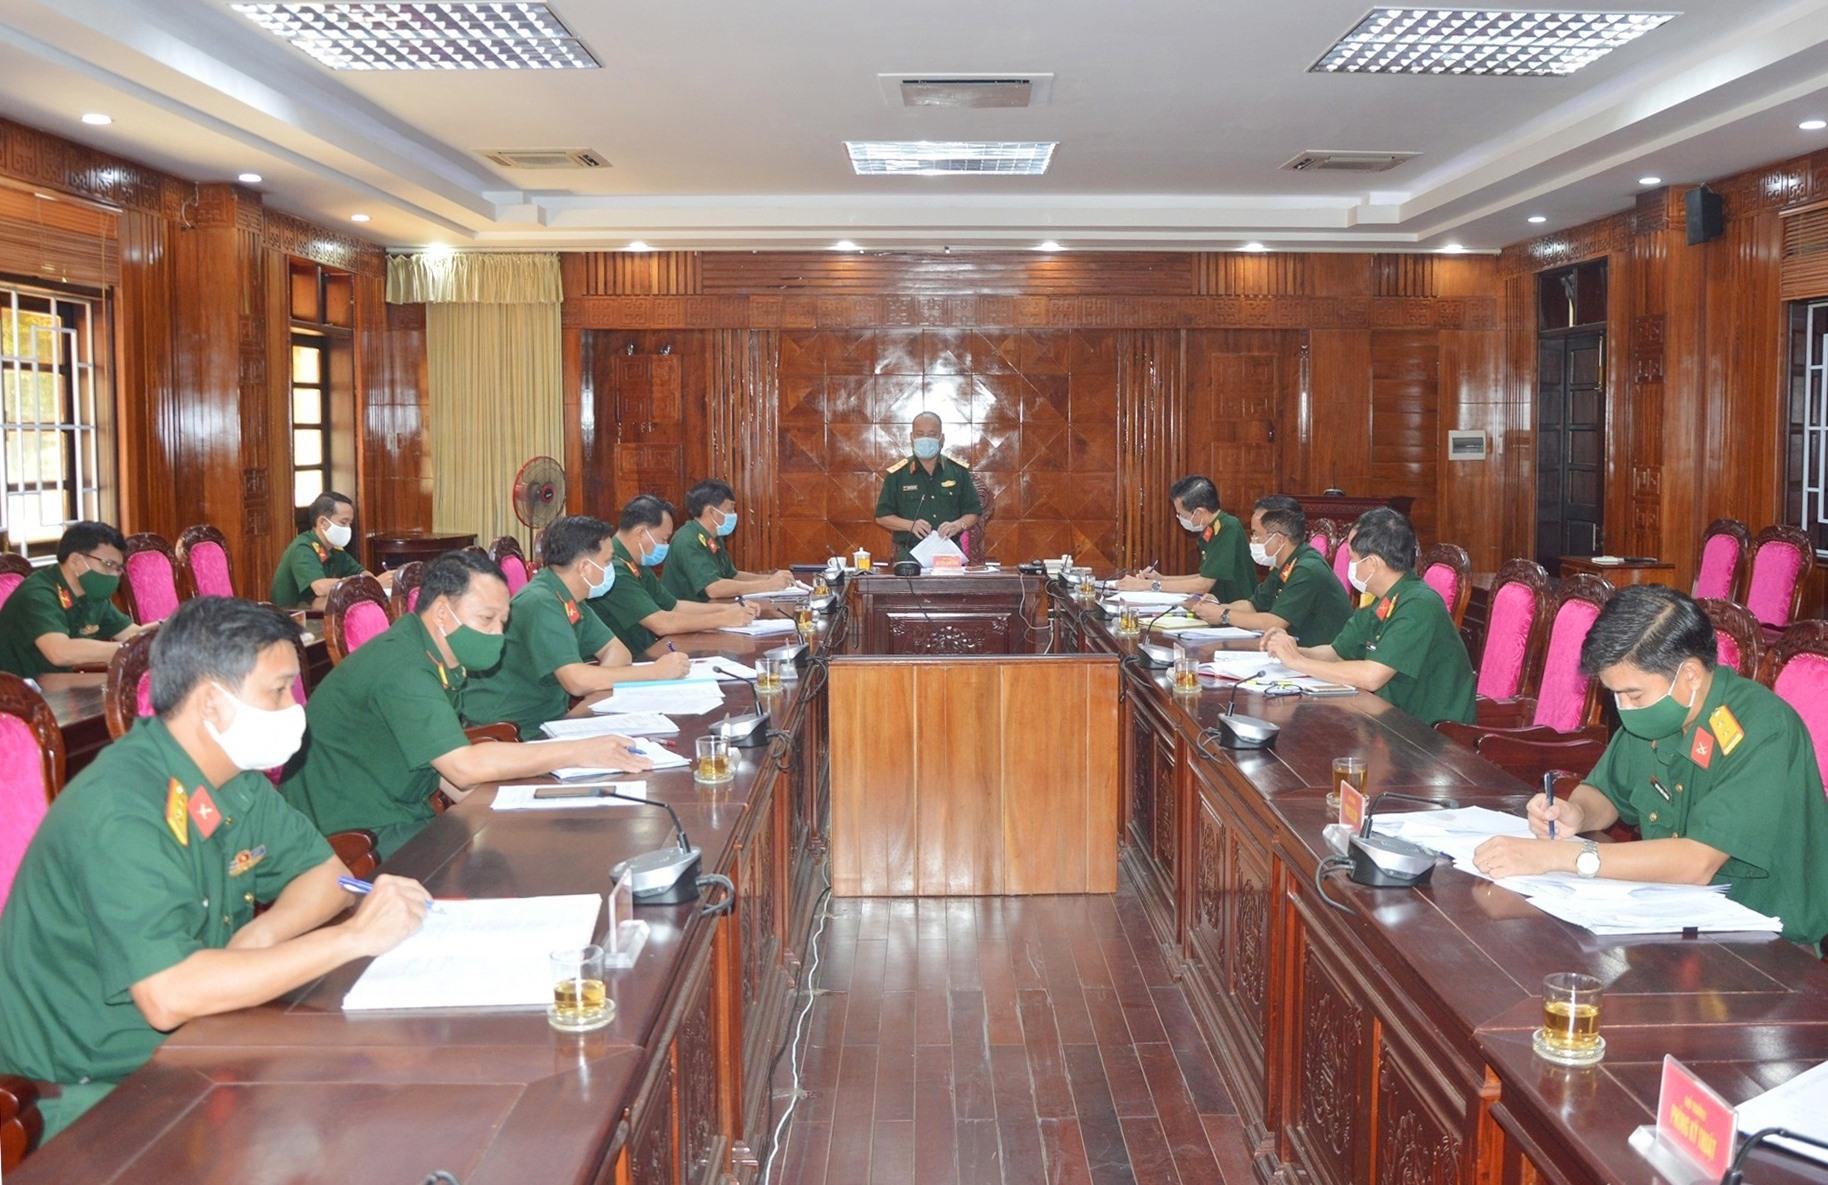 Trung tướng Nguyễn Long Cáng - Tư lệnh Quân khu 5 làm trưởng đoàn có buổi kiểm tra công tác phòng chống dịch bệnh Covid-19 đối với Bộ Chỉ huy Quân sự (CHQS) tỉnh Quảng Nam.